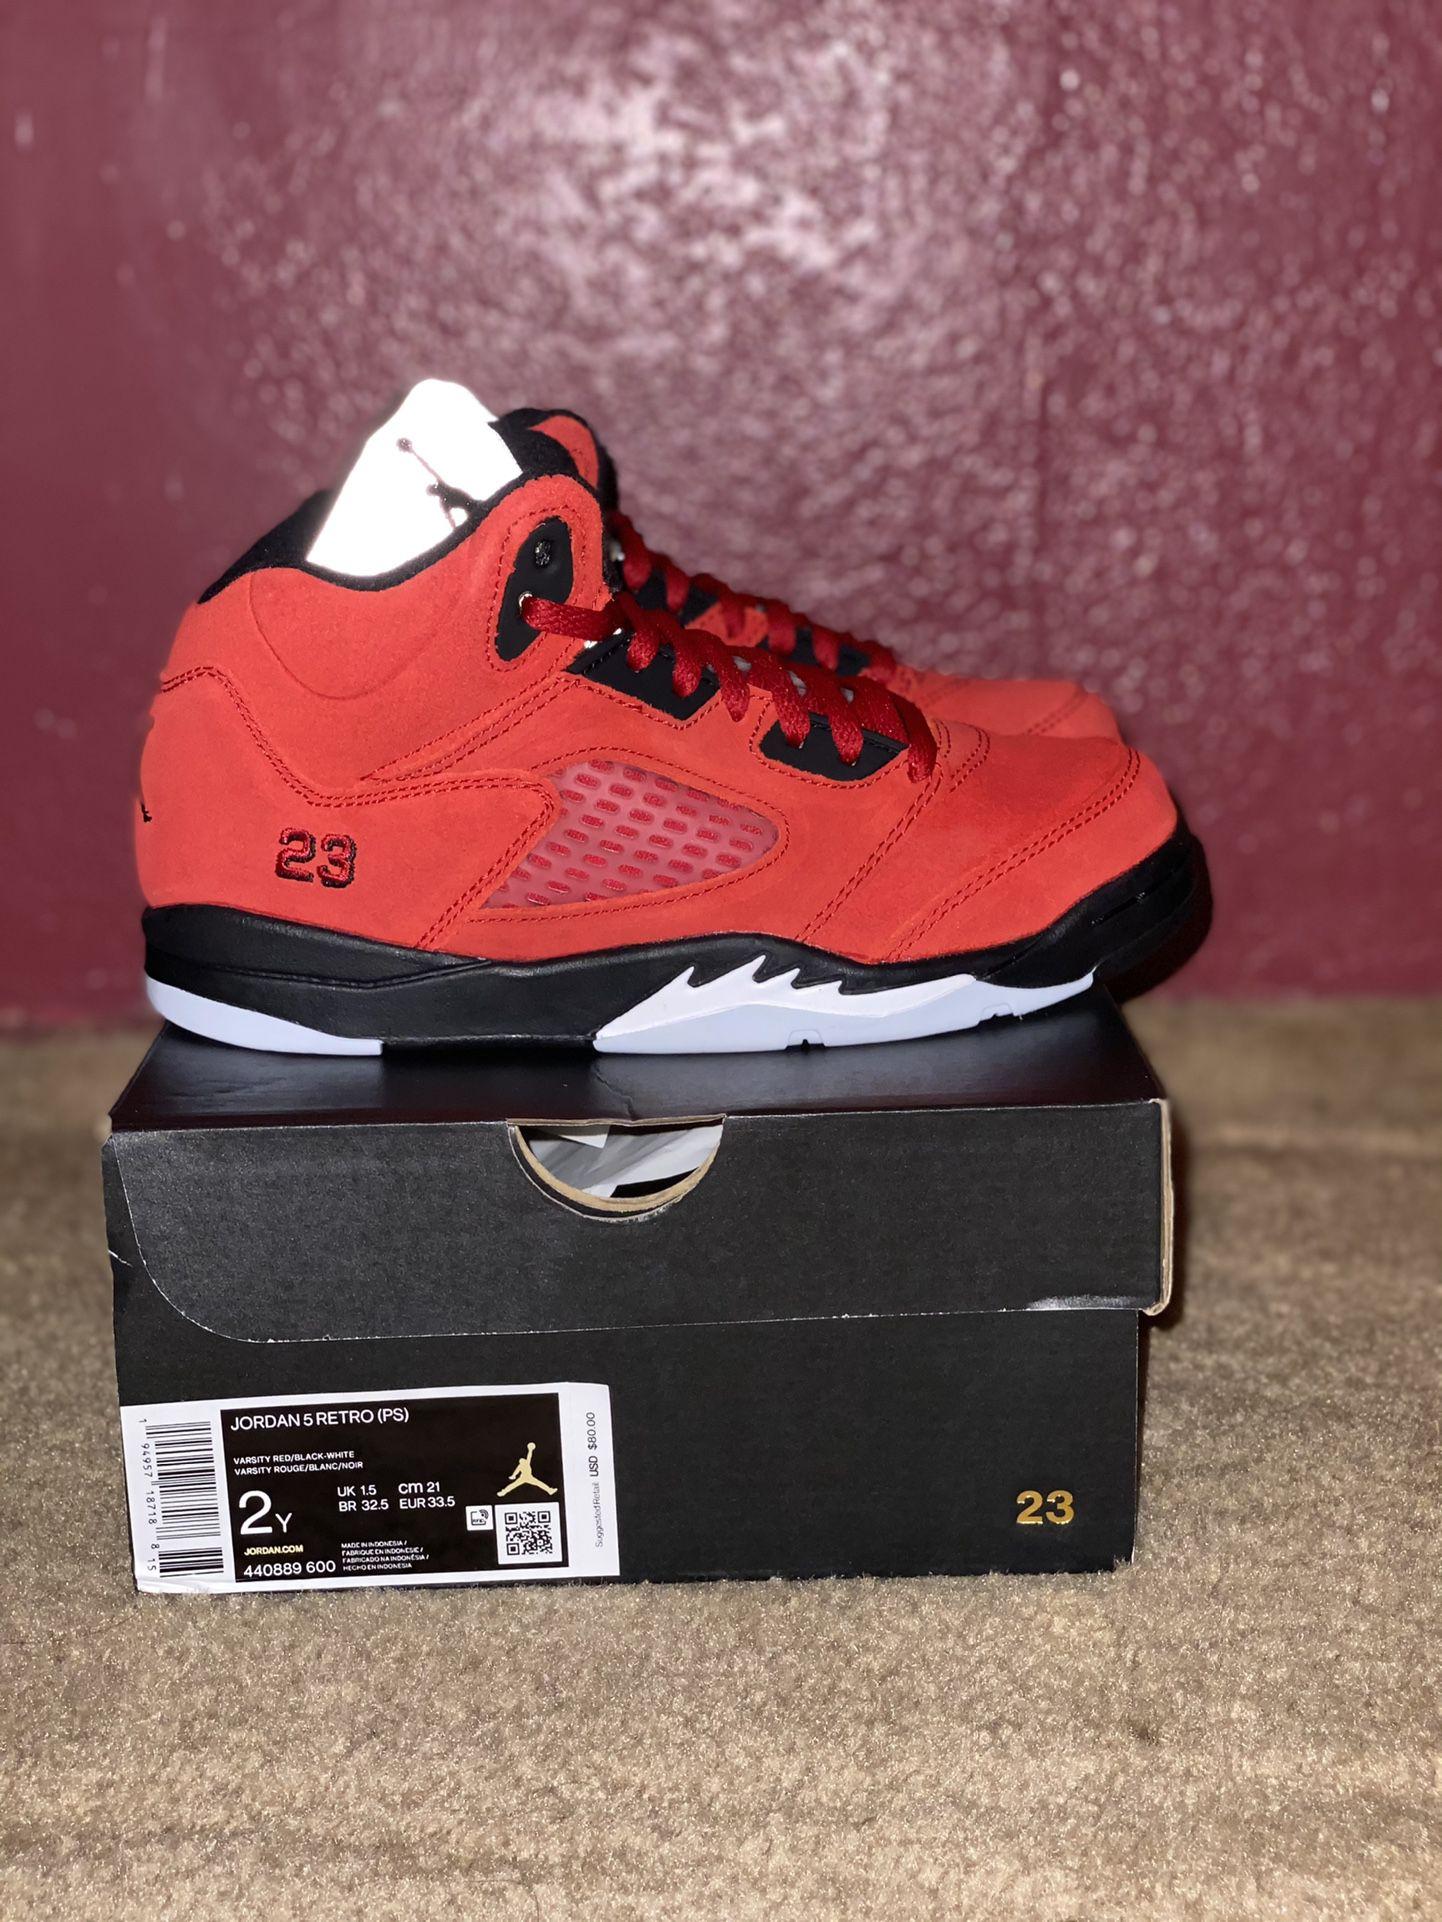 Jordan 5 Retro ( Raging Bulls ) Size:2y